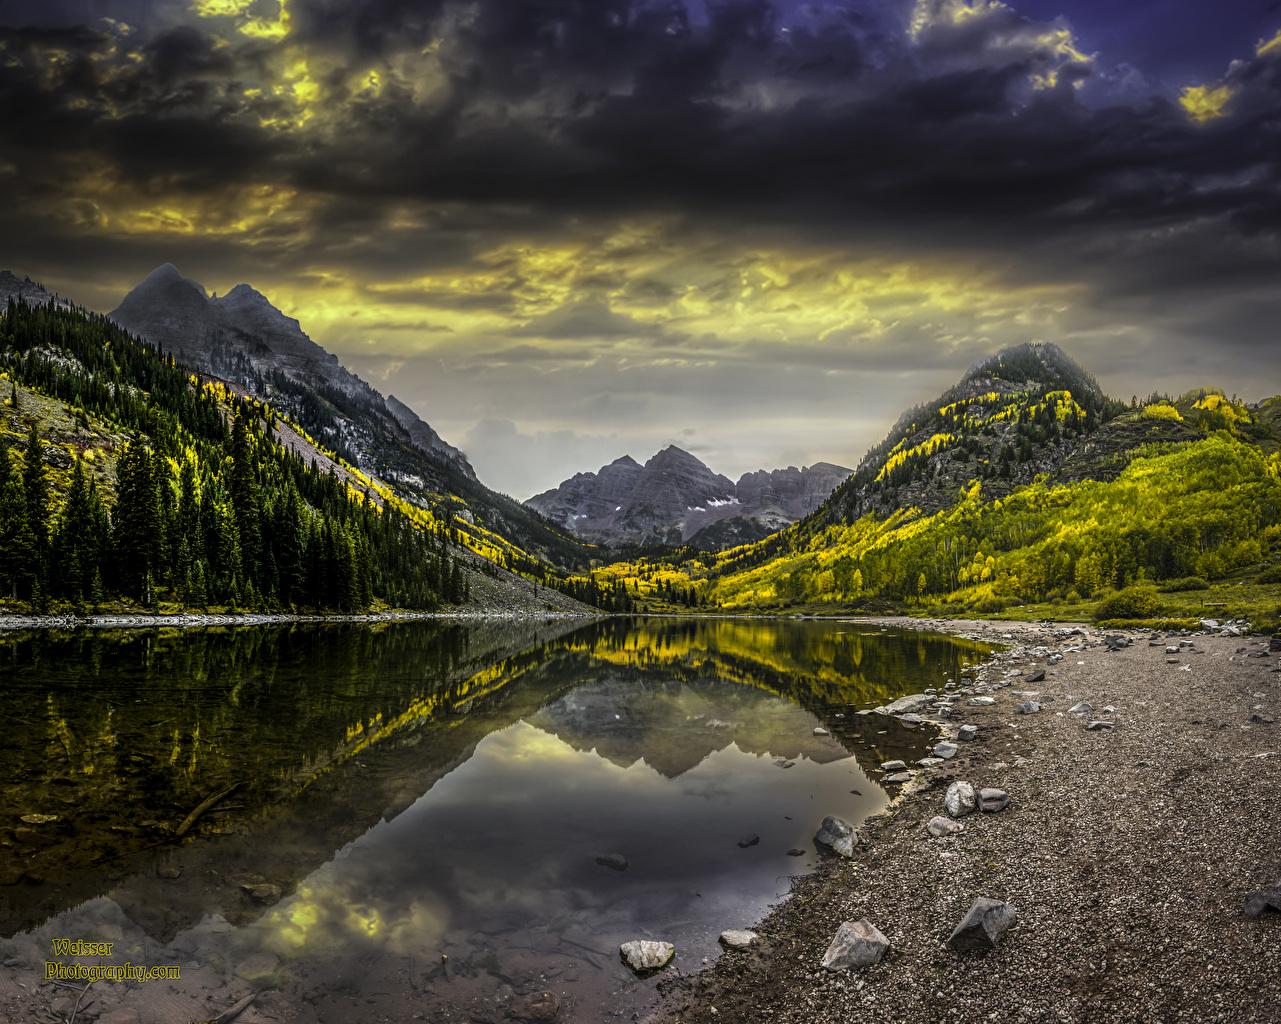 Фотография штаты Colorado гора Природа осенние Озеро Пейзаж Камень США америка Горы Осень Камни